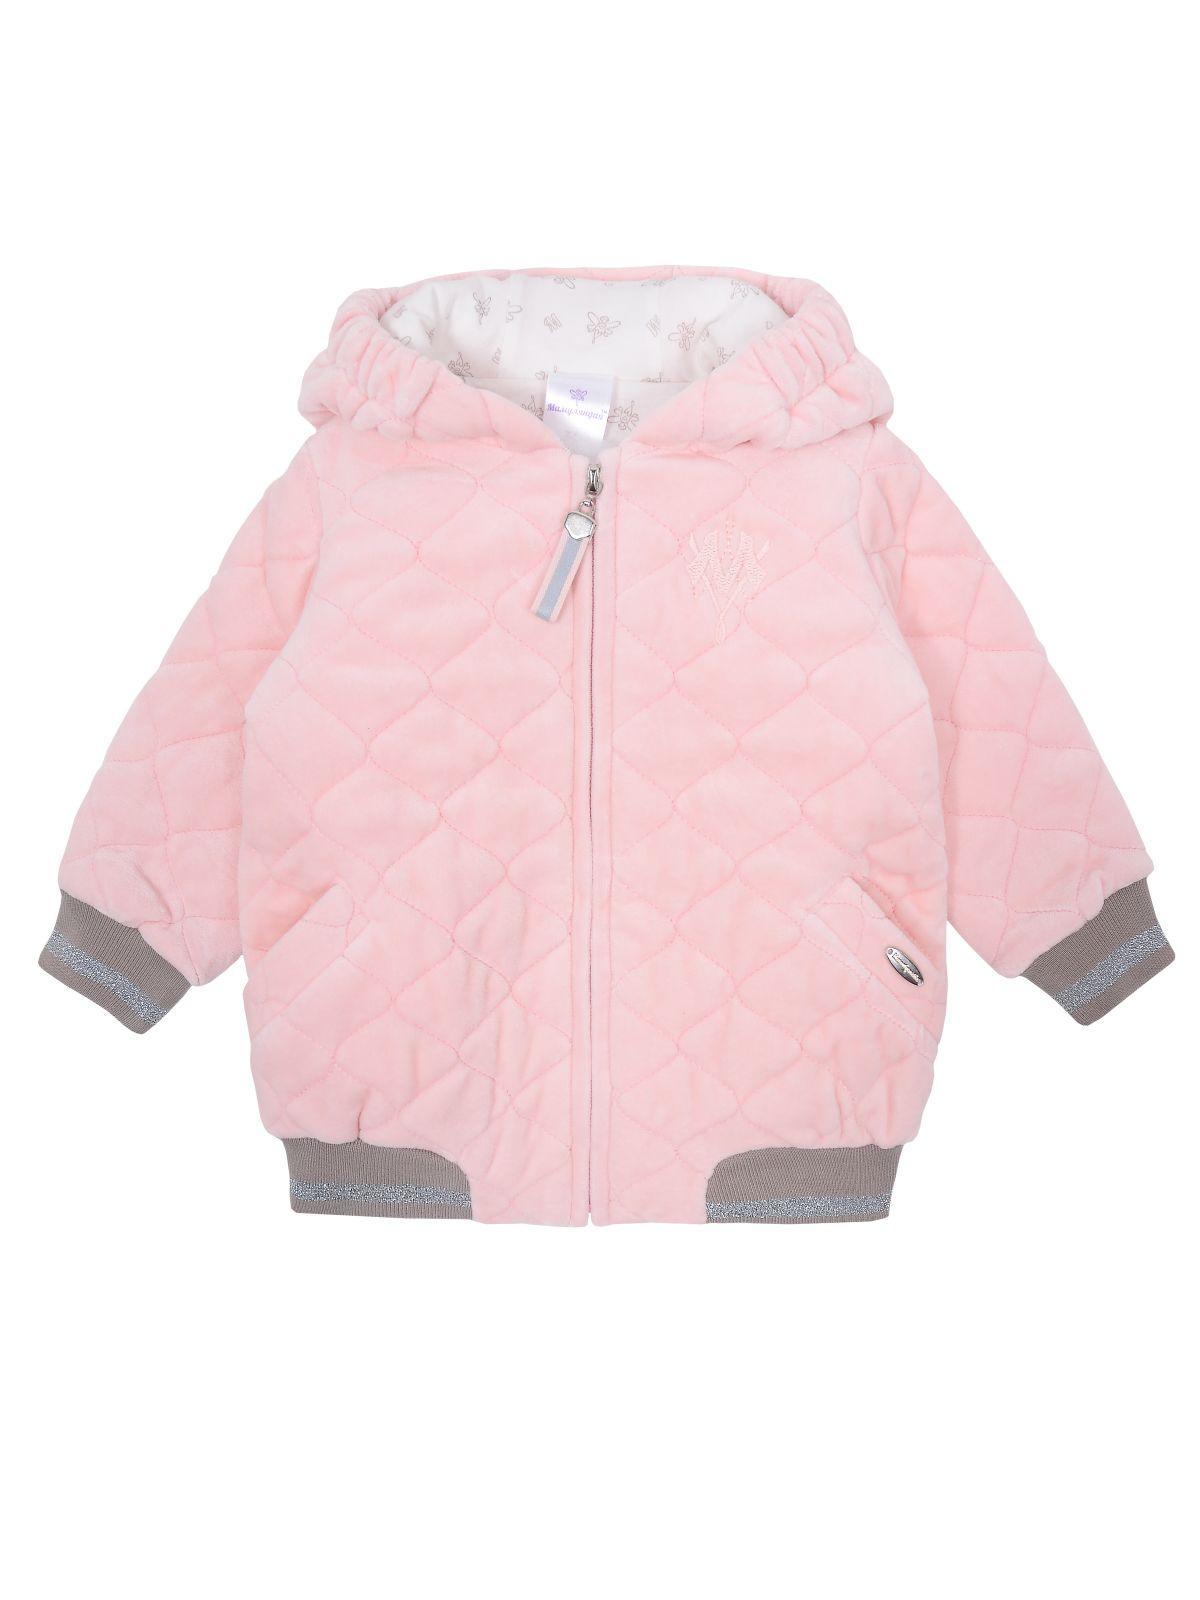 Куртка для девочки Мамуляндия 19-508, Велюр, Розовый р. 80